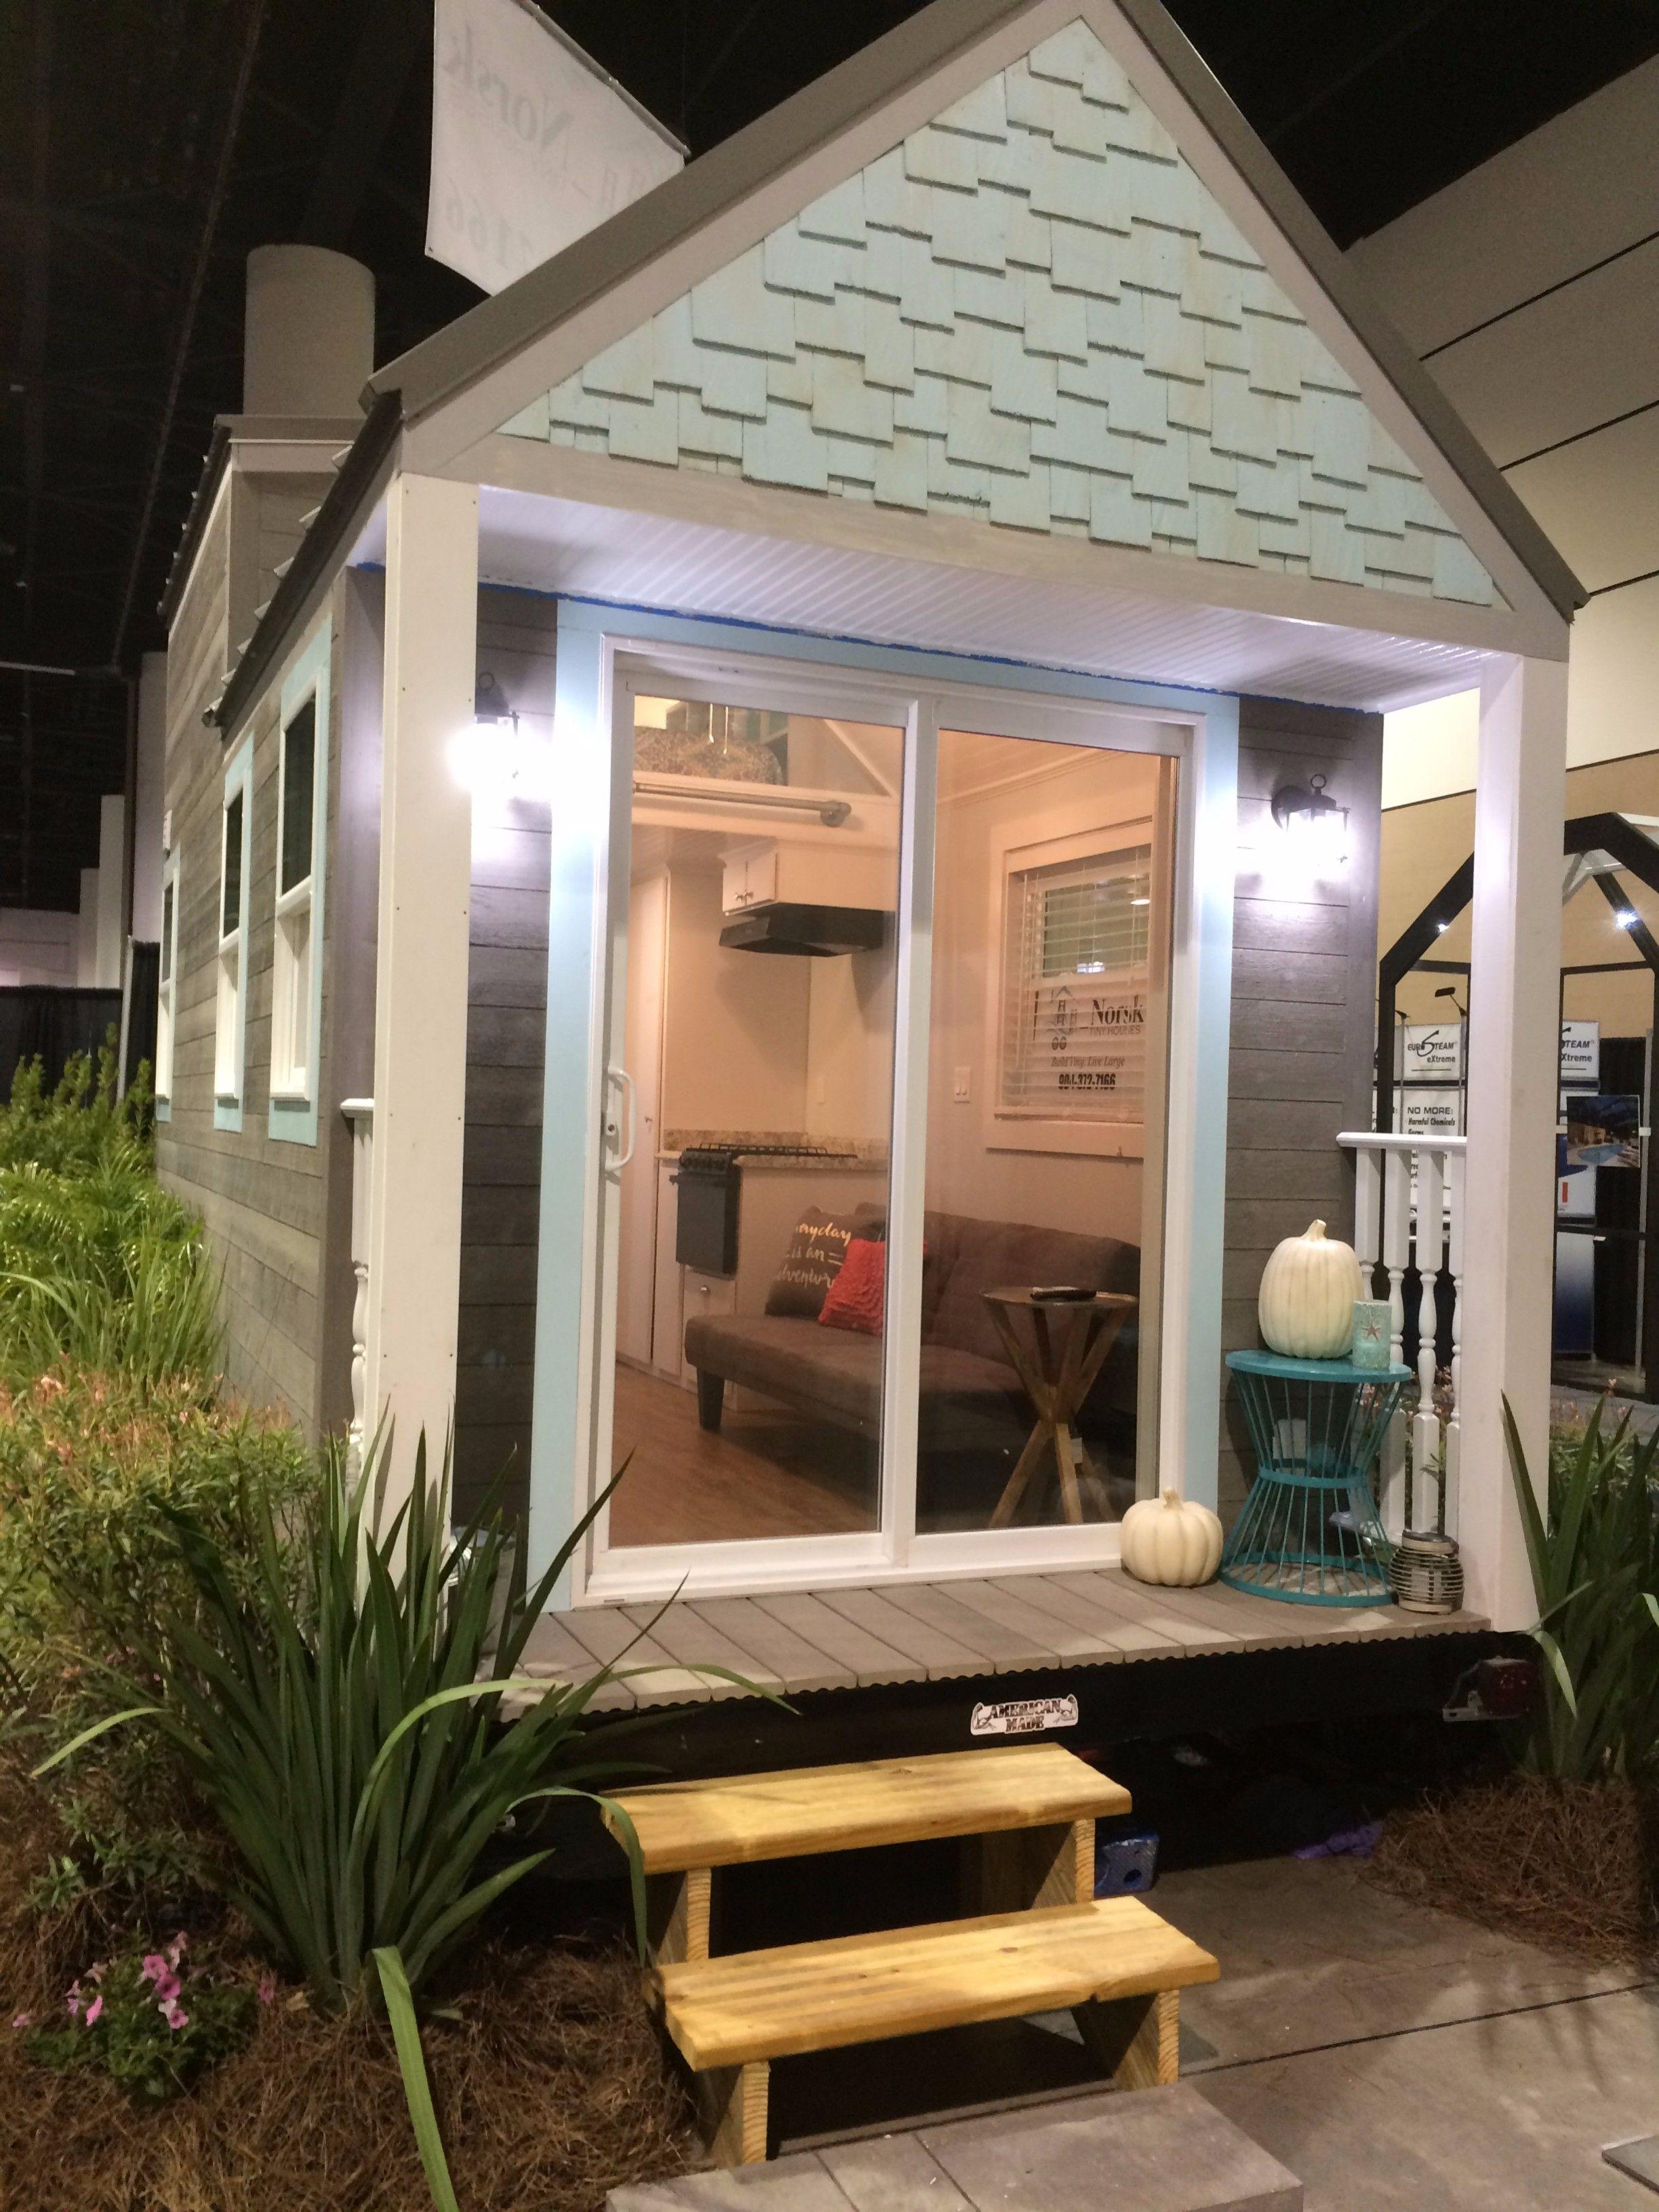 Tiny Houses For Sale Newsletter Tiny Beach House Tiny House